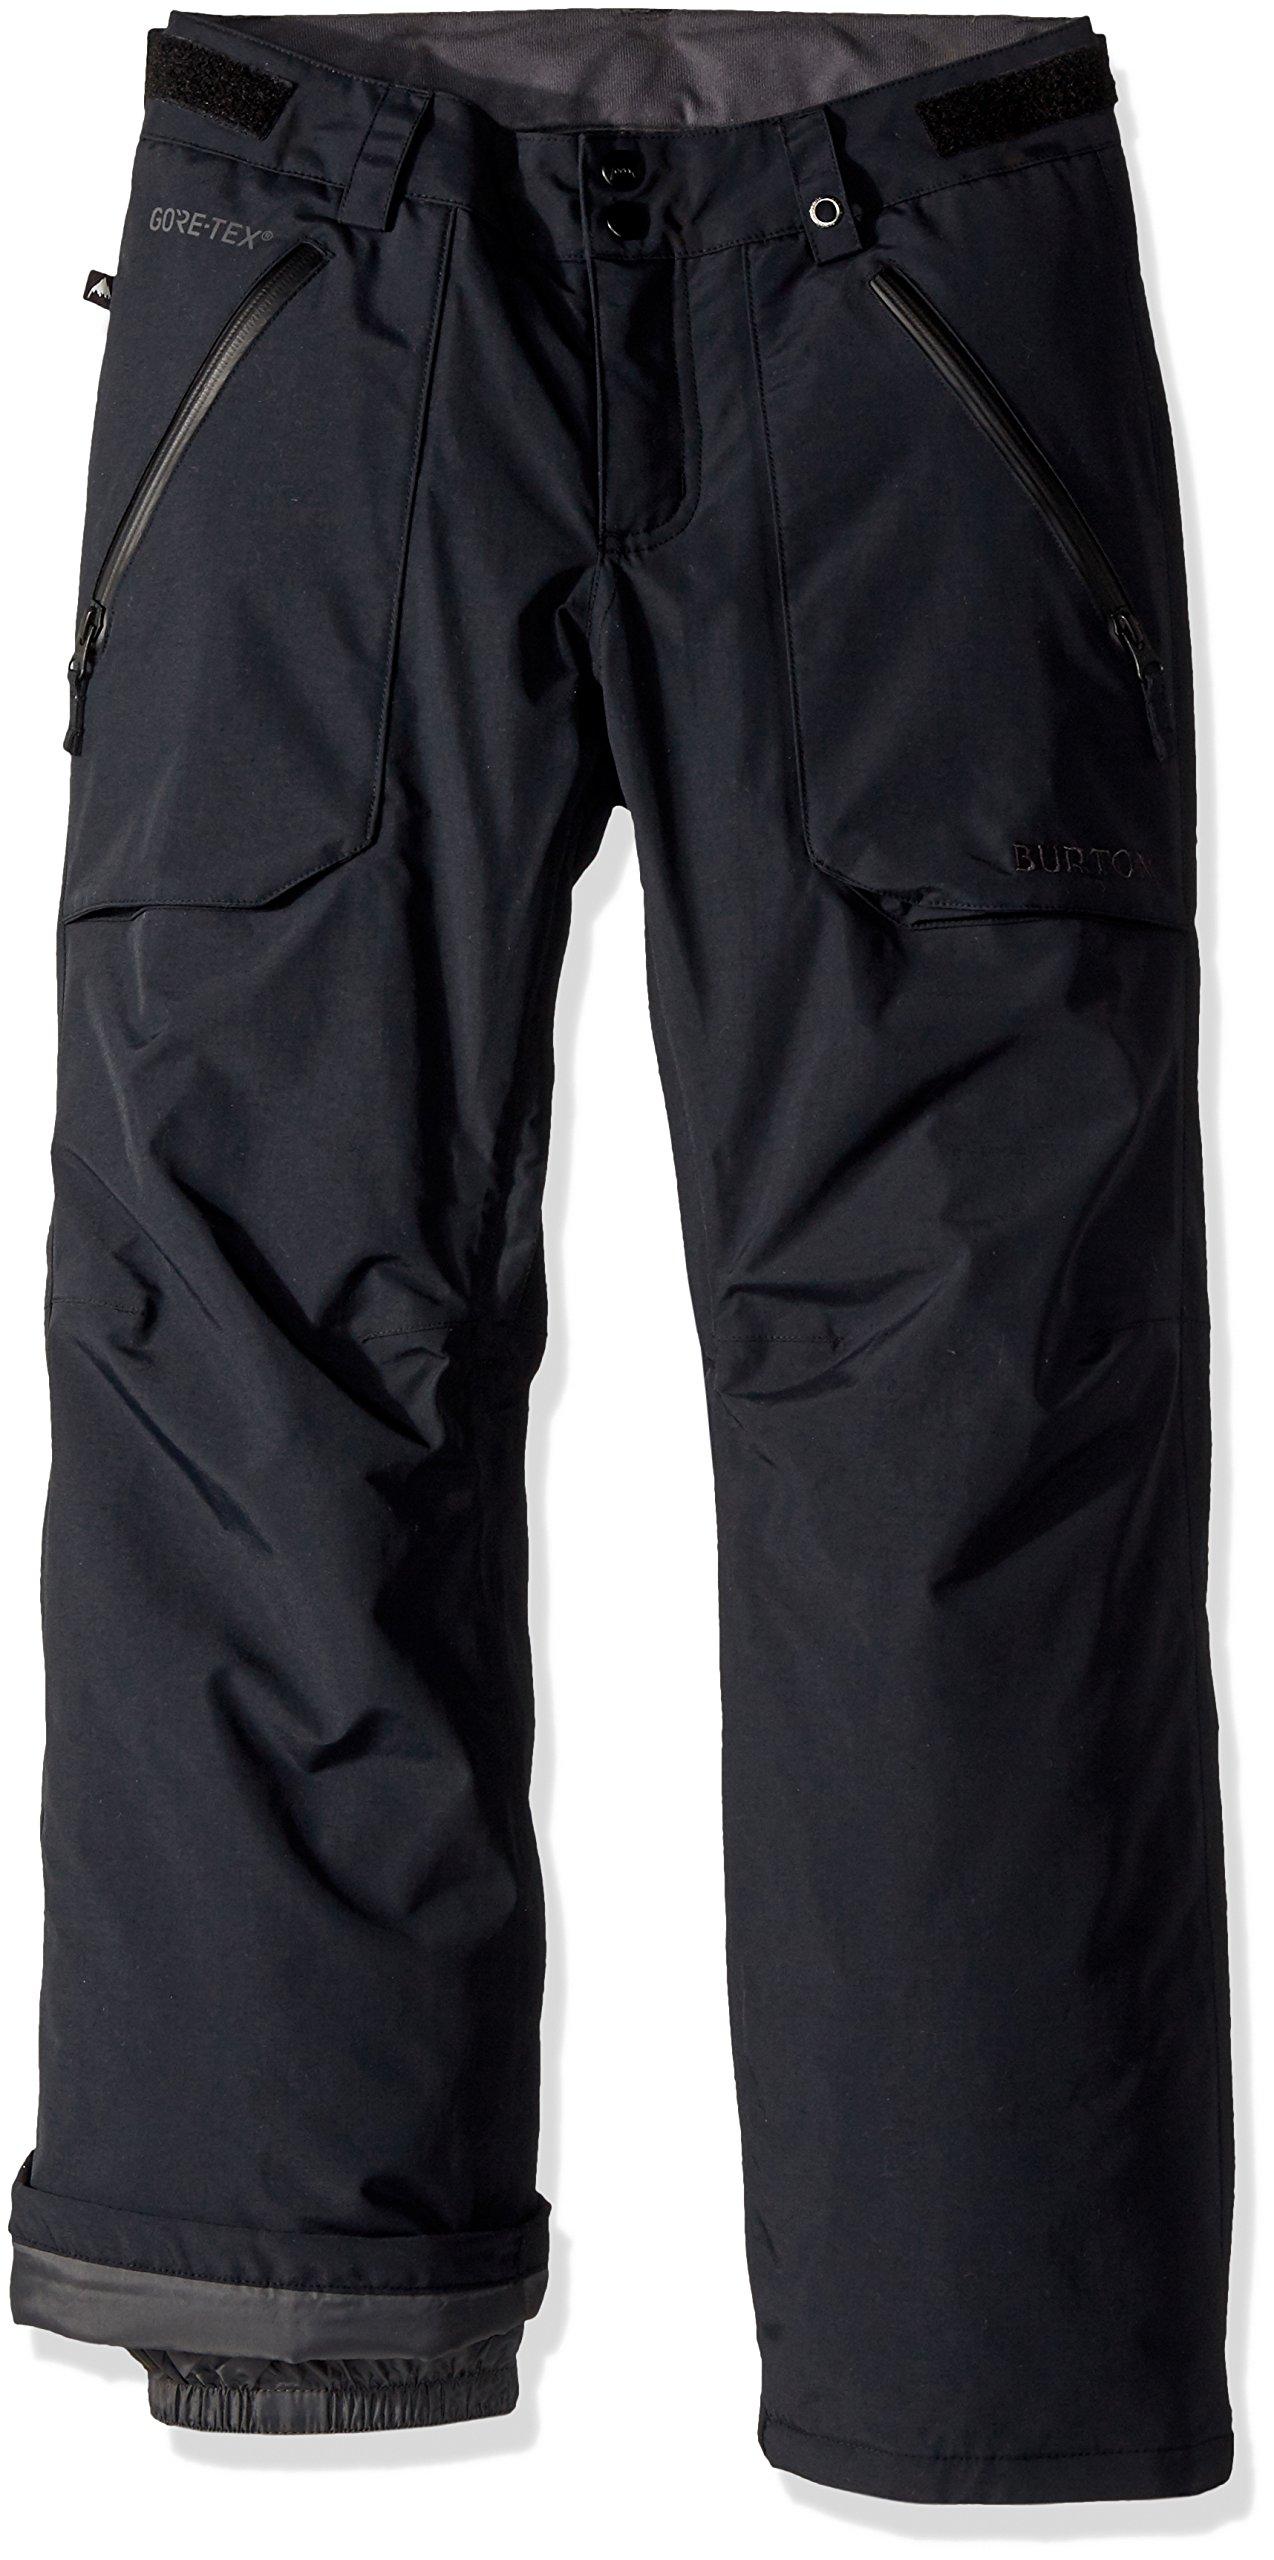 Burton Kids' Gore-tex Stark Snow Pant, True Black W18, X-Small